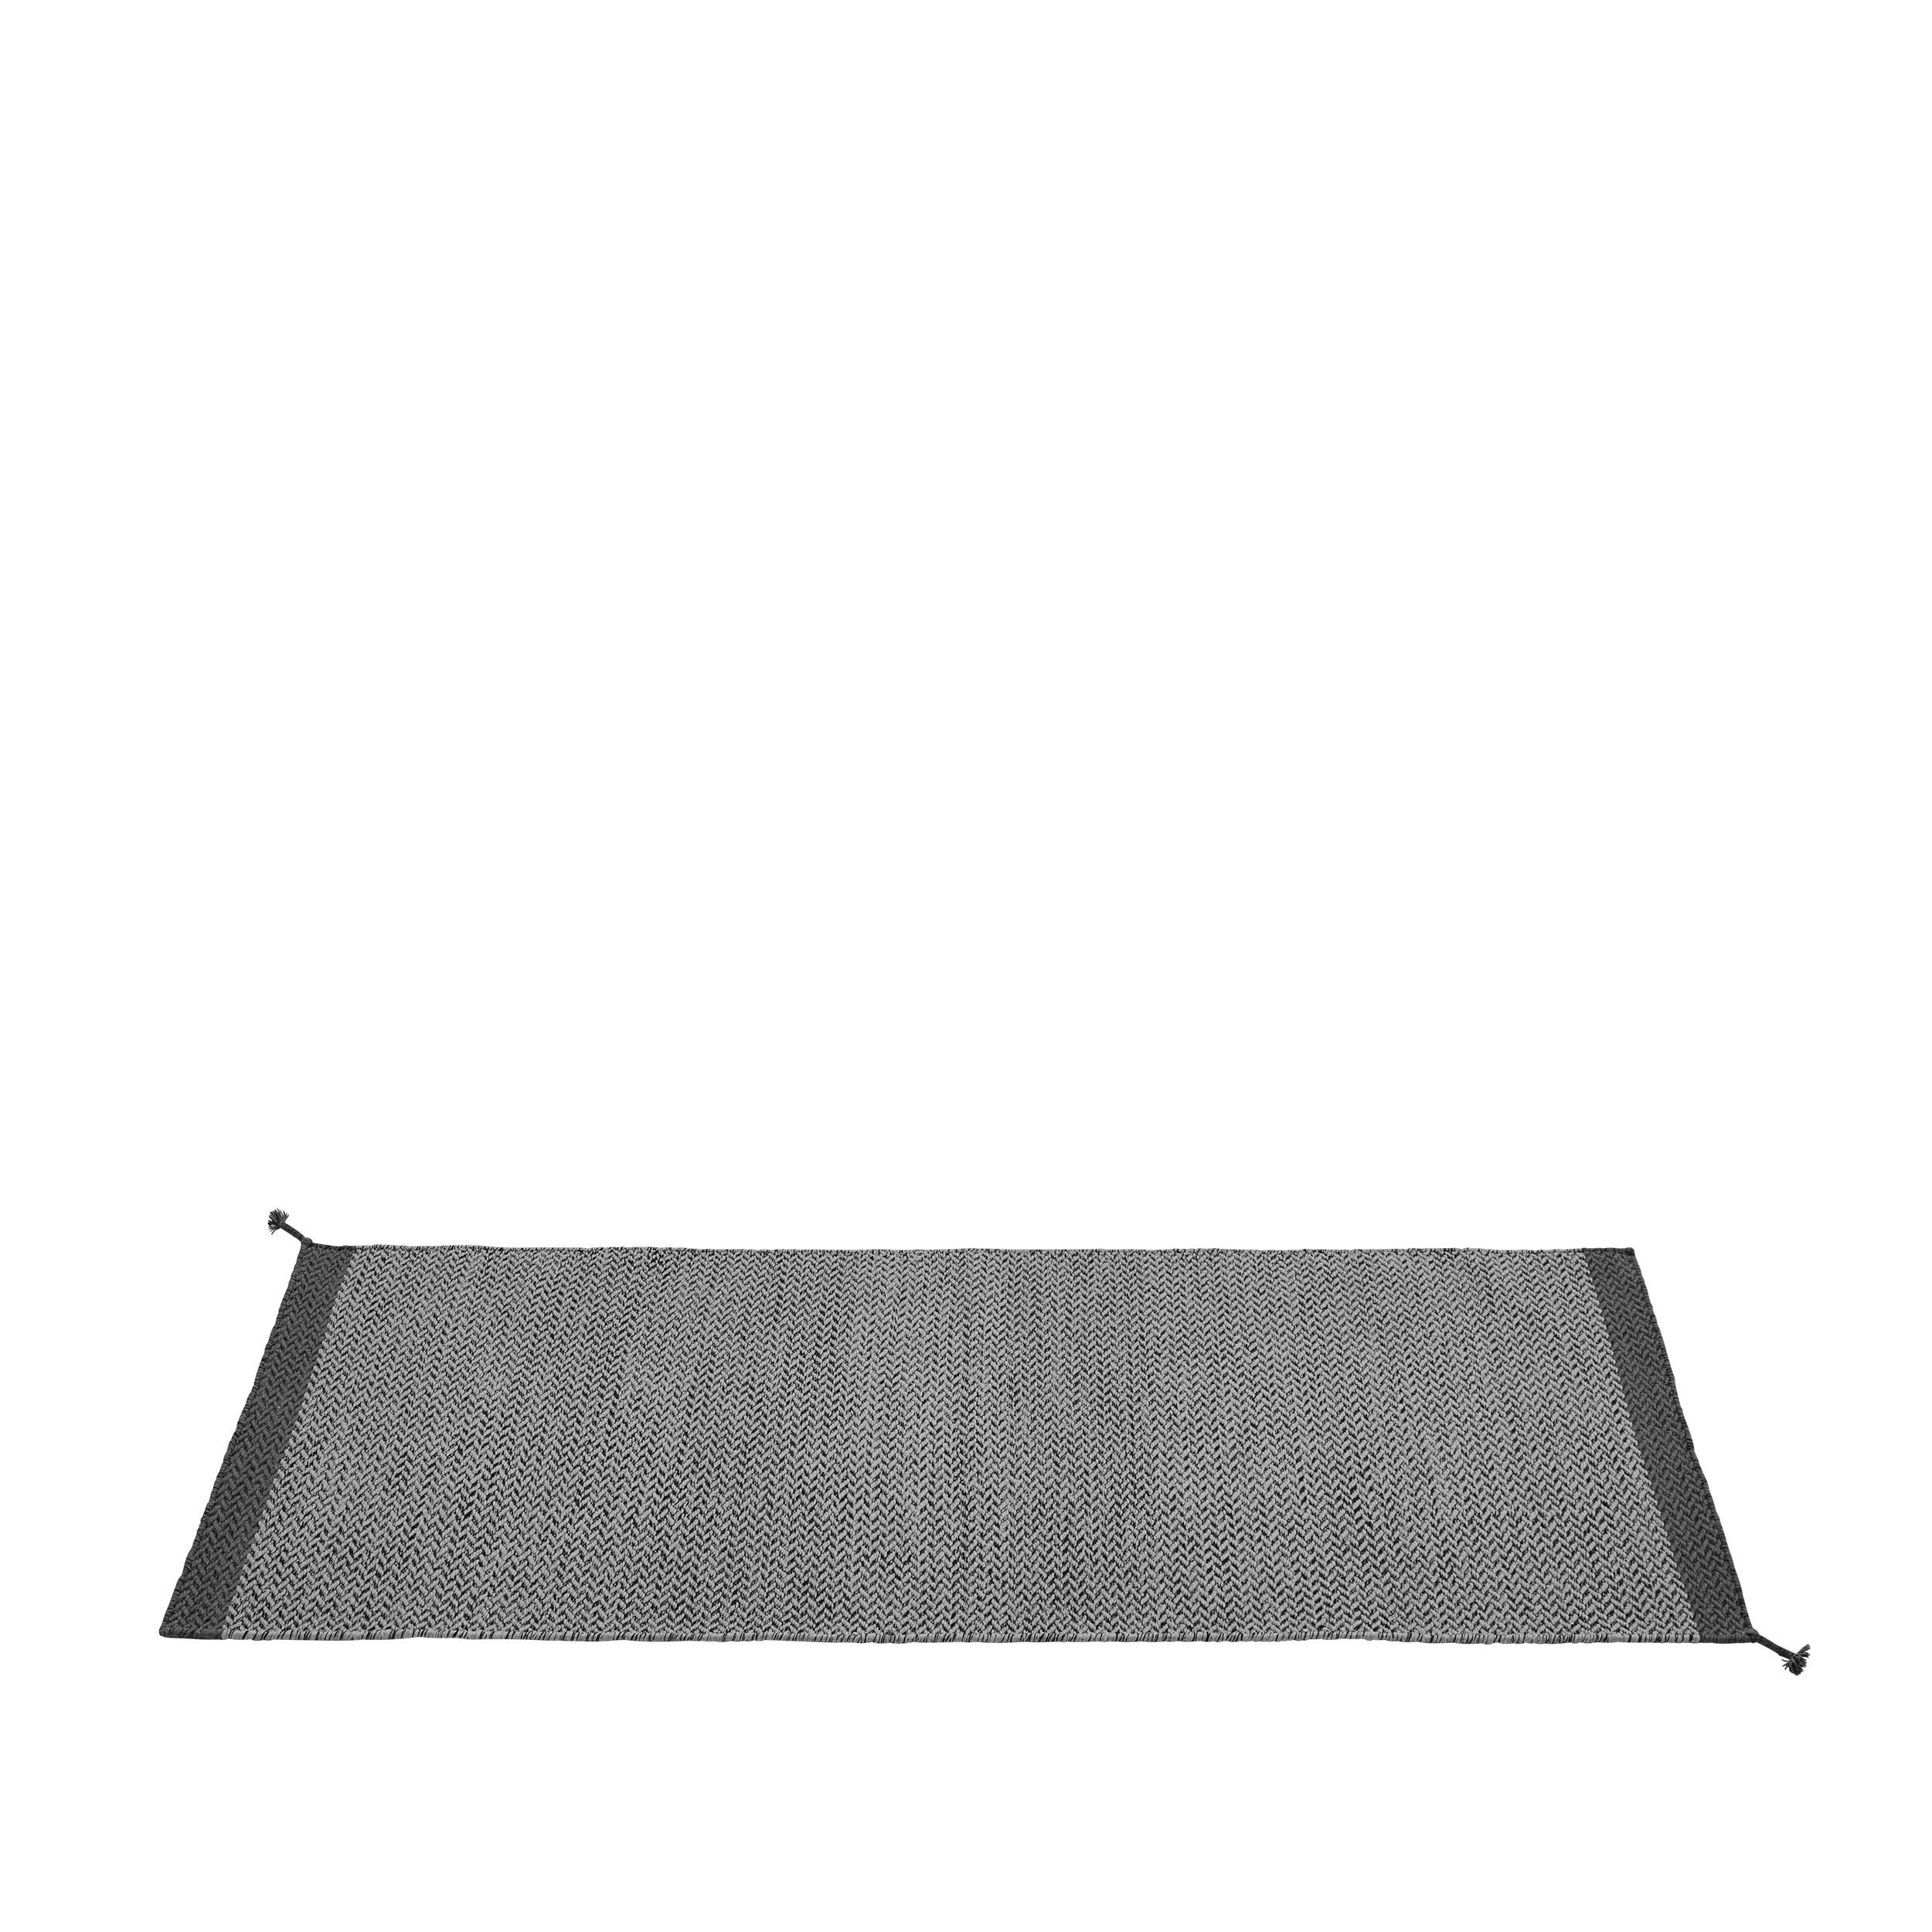 Ply rug 80 x 200 dark grey